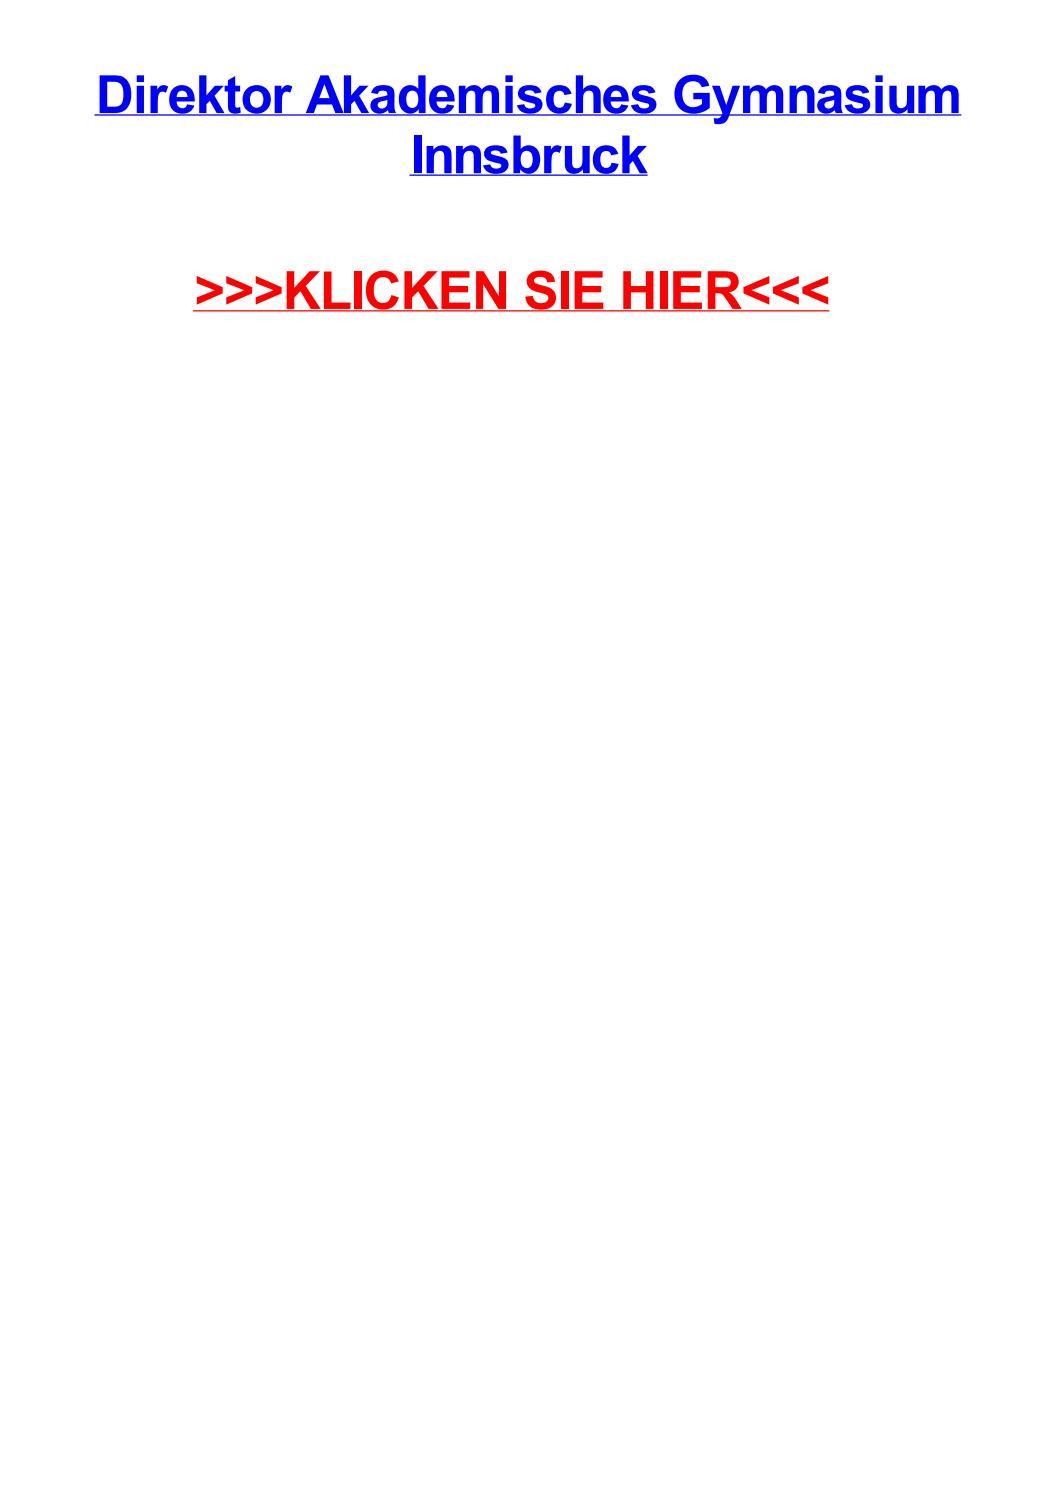 Direktor akademisches gymnasium innsbruck by joesbwsn - issuu